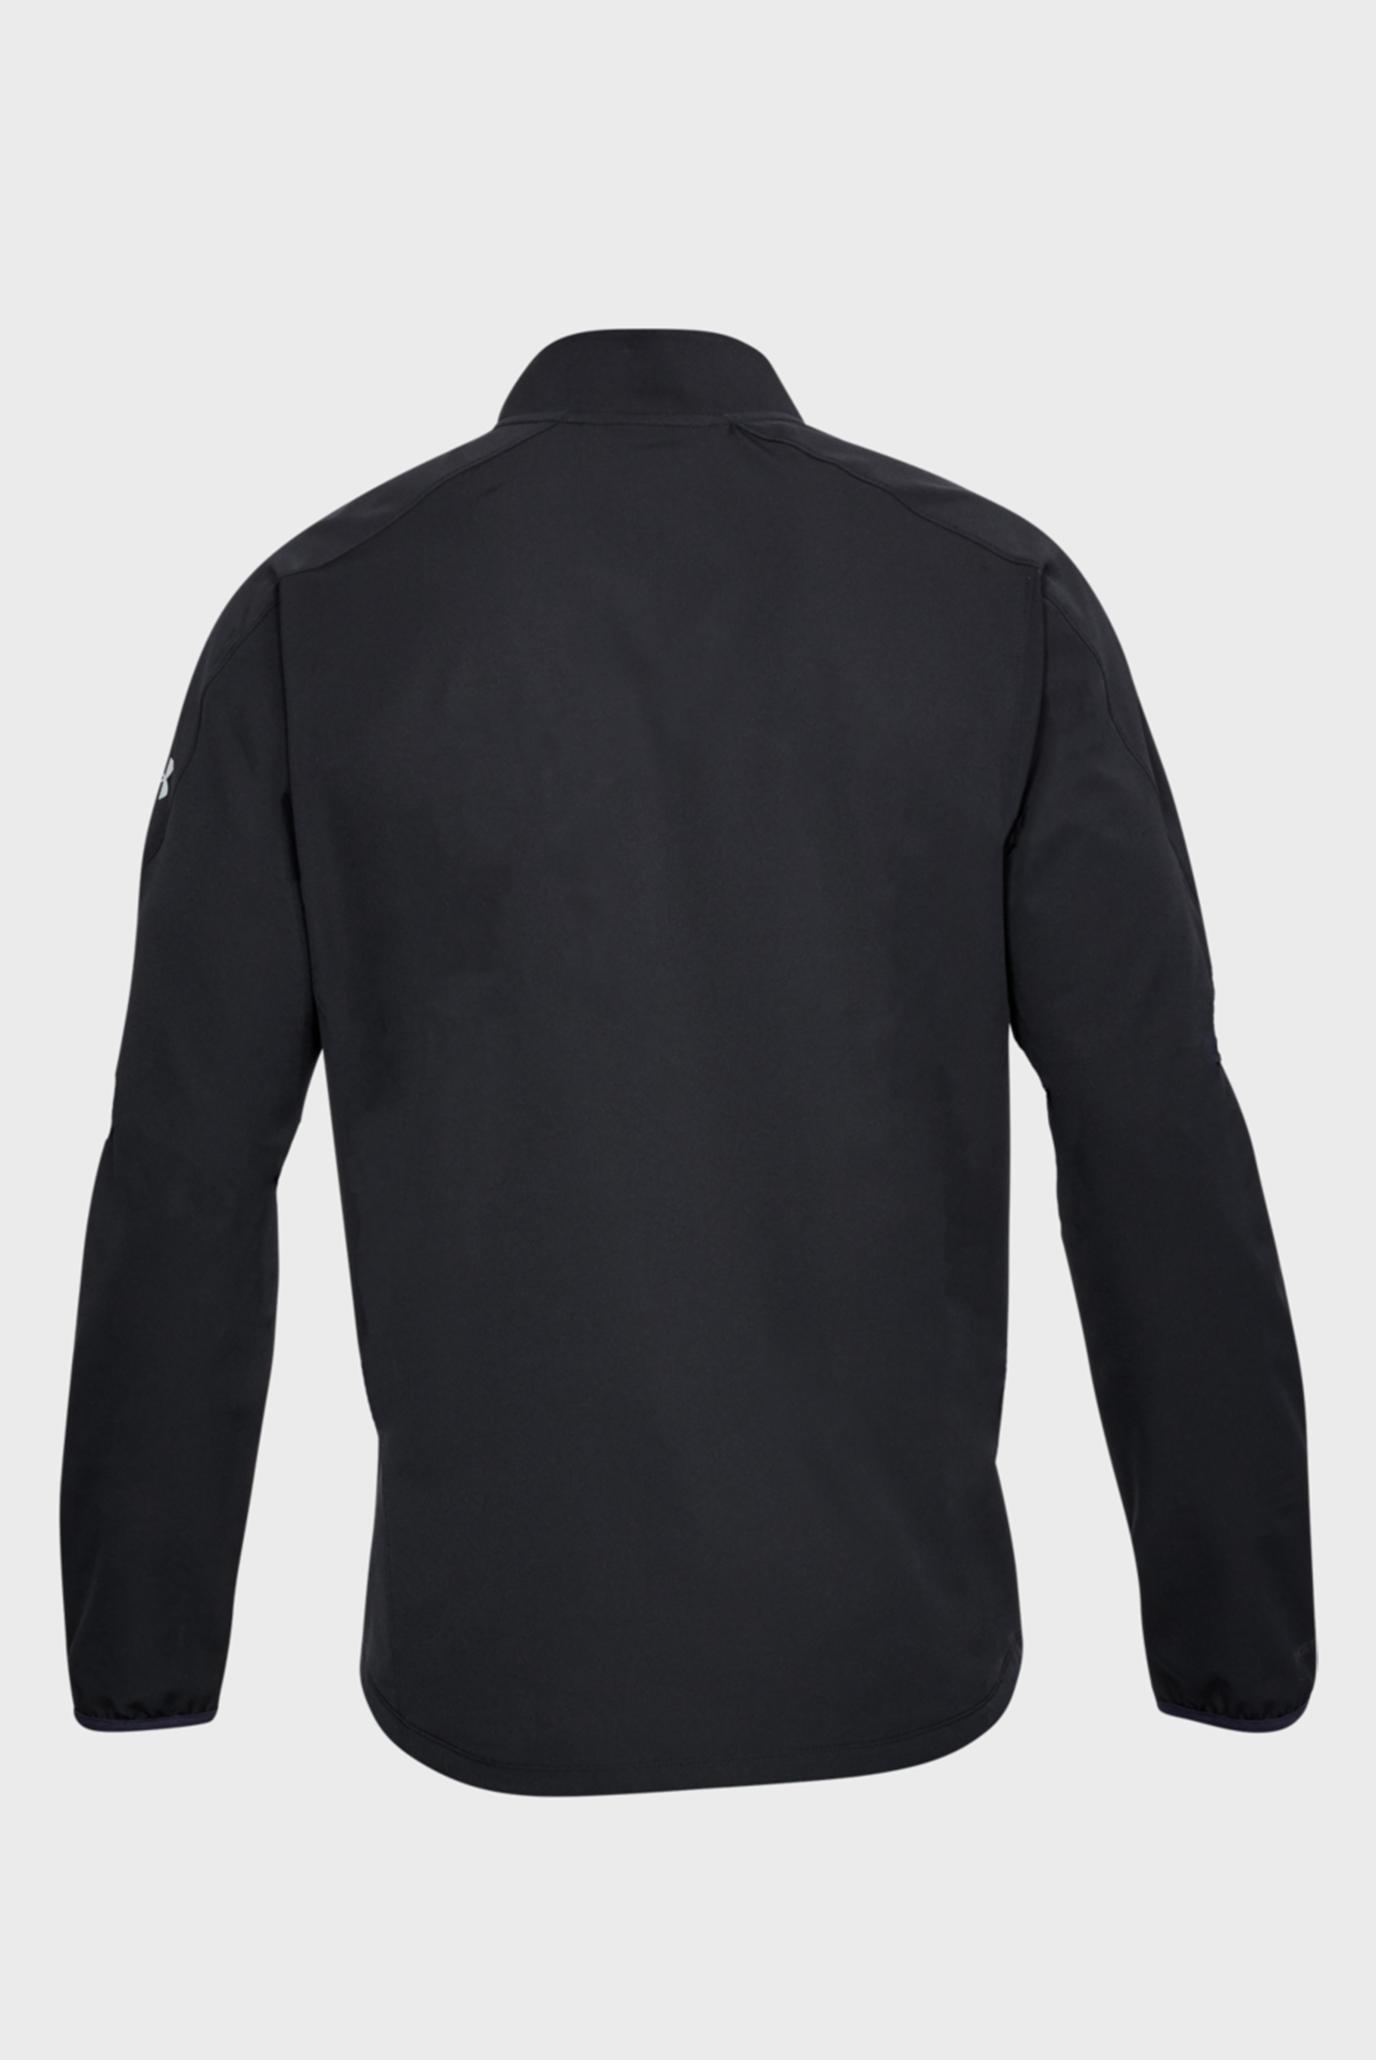 Купить Мужская черная флисовая куртка UA STORM OUT&BACK SW JACKET Under Armour Under Armour 1305199-001 – Киев, Украина. Цены в интернет магазине MD Fashion